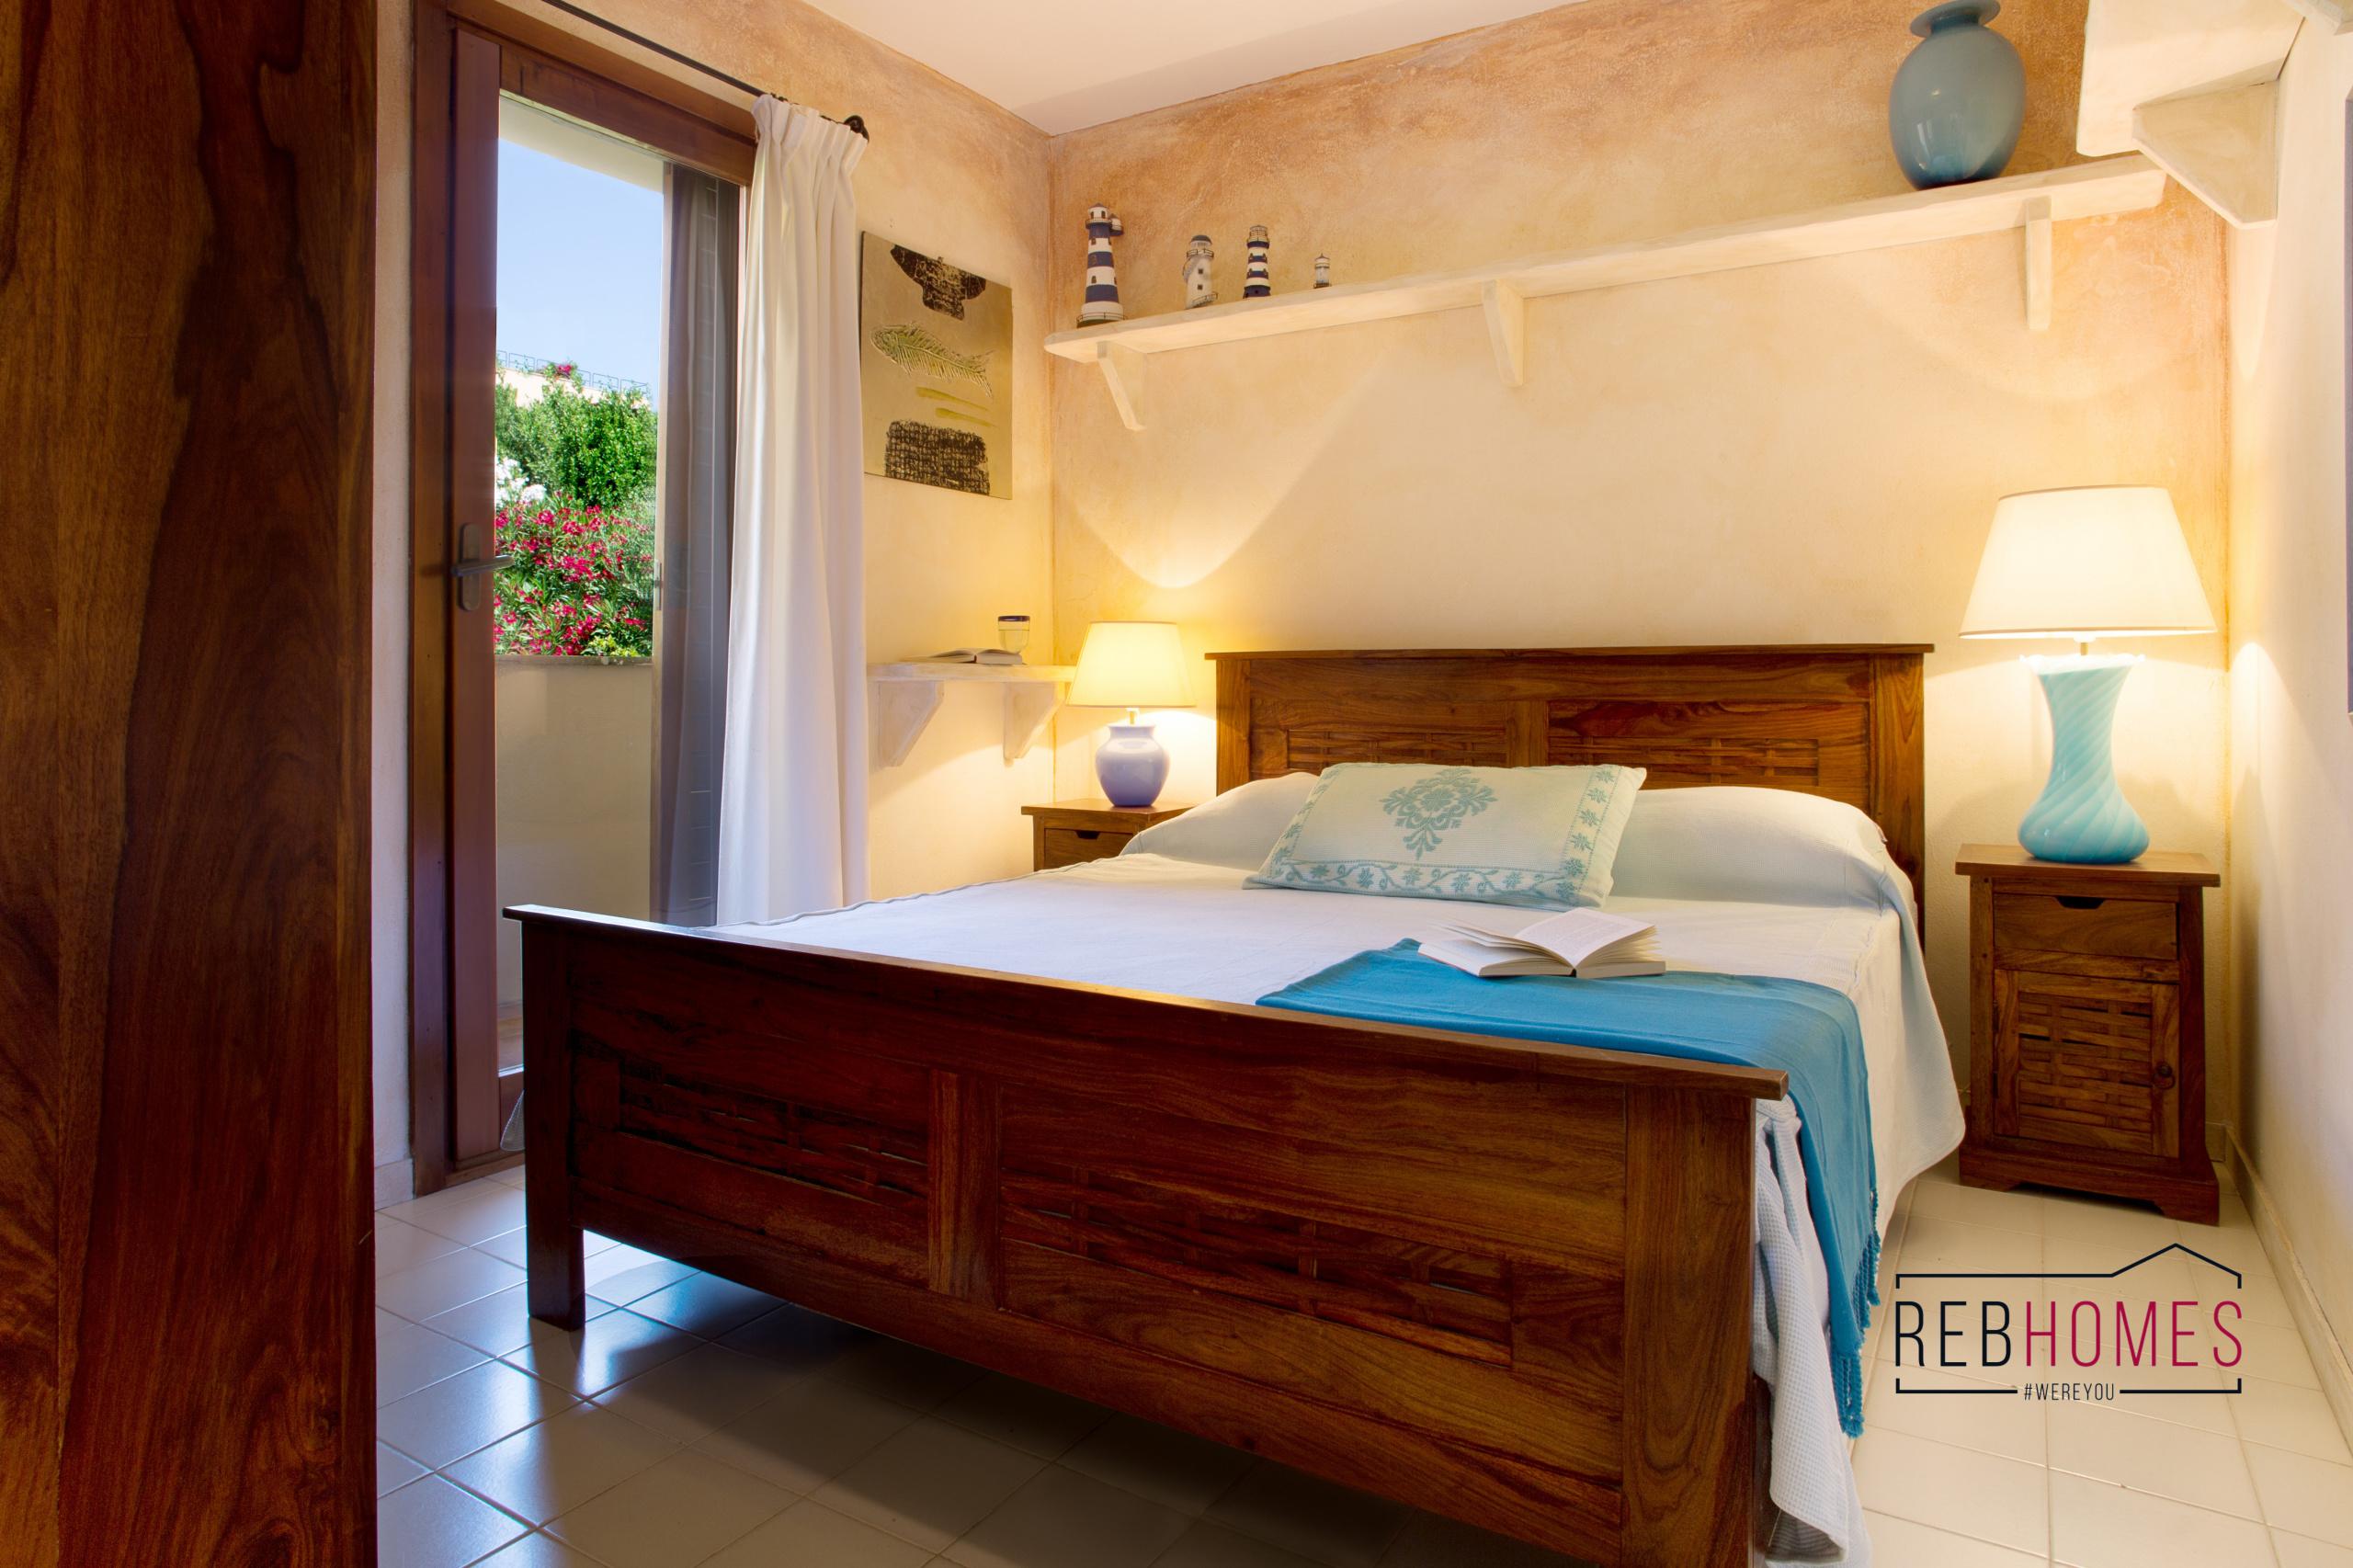 Camera Matrimoniale A Olbia.Codice S 59 Appartamento Attico In Vendita Olbia Portisco Rebhomes